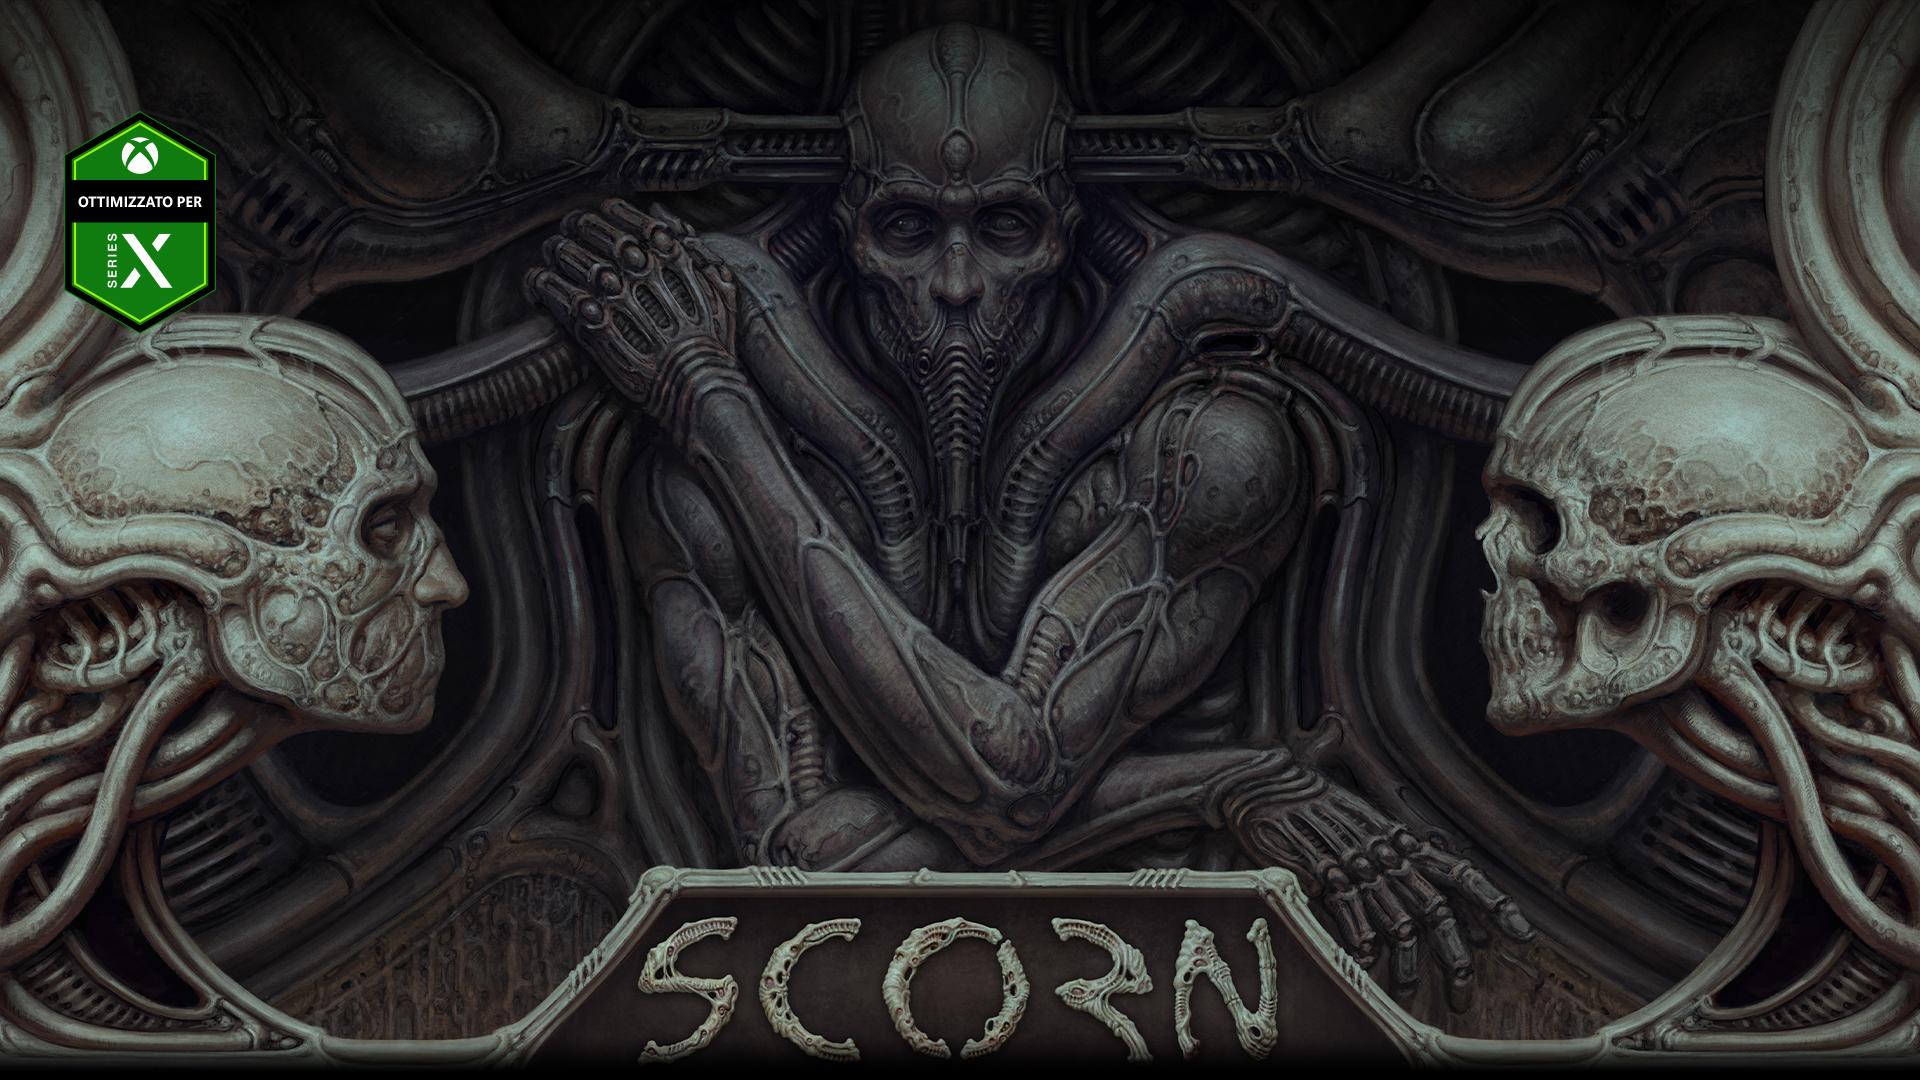 Un personaggio di Scorn incastrato in un muro con due teste a forma di teschio.